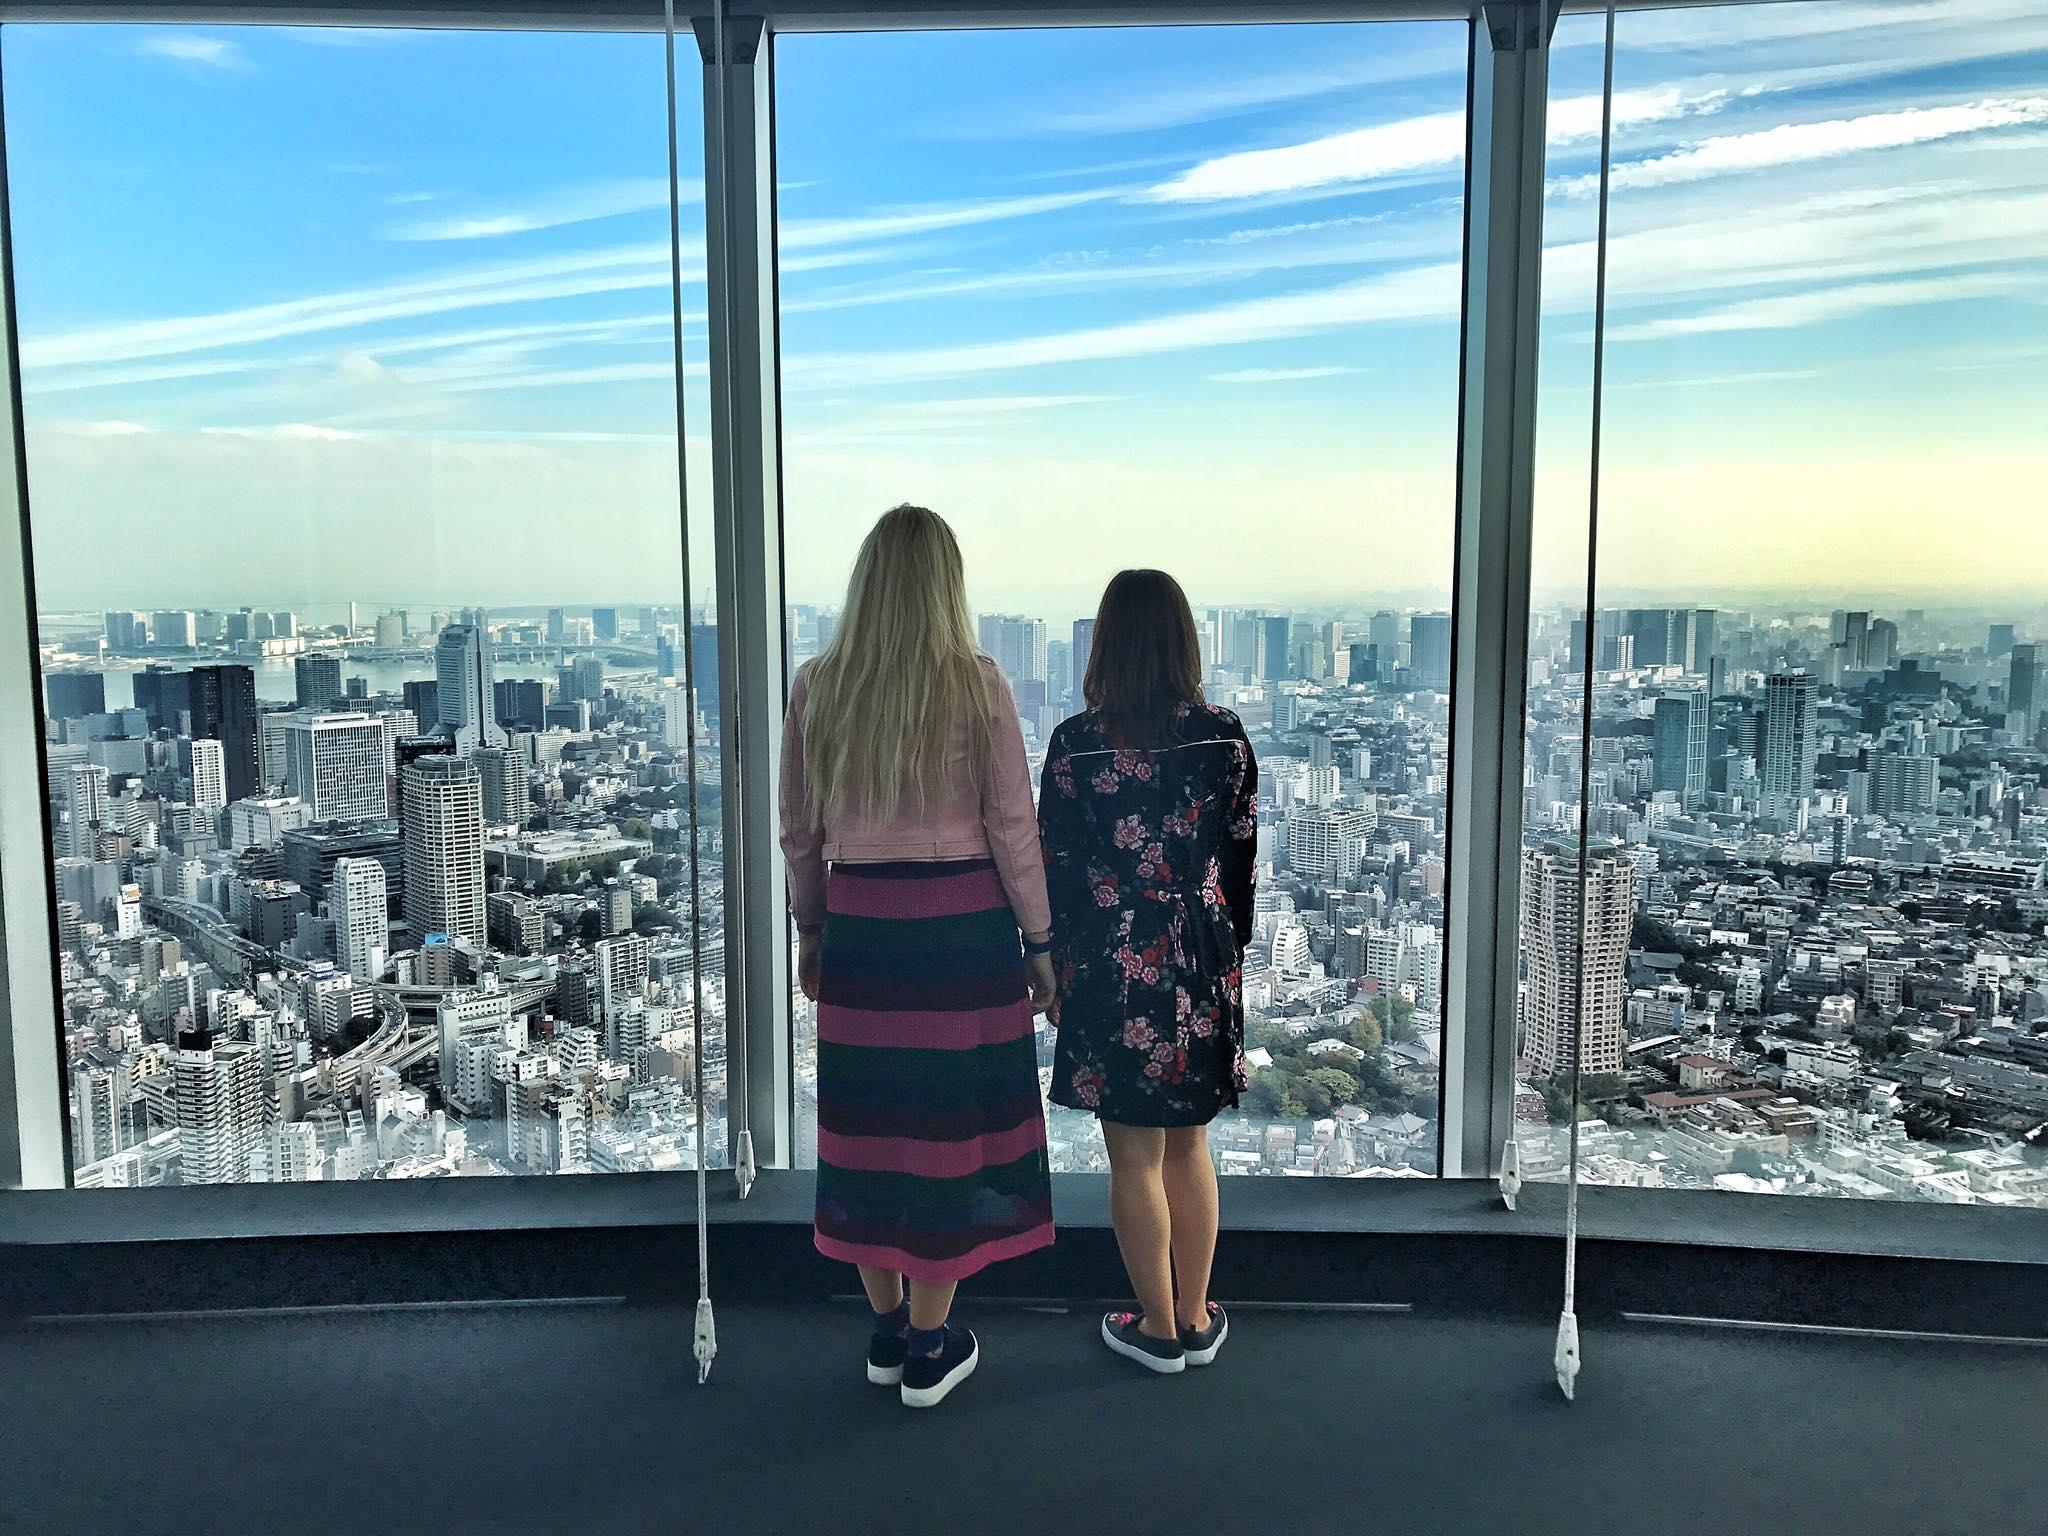 Tokyo-Roppongi-Hills-View-Aussichtsplattform-reisebericht-Reiseblogger-carrieslifestyle